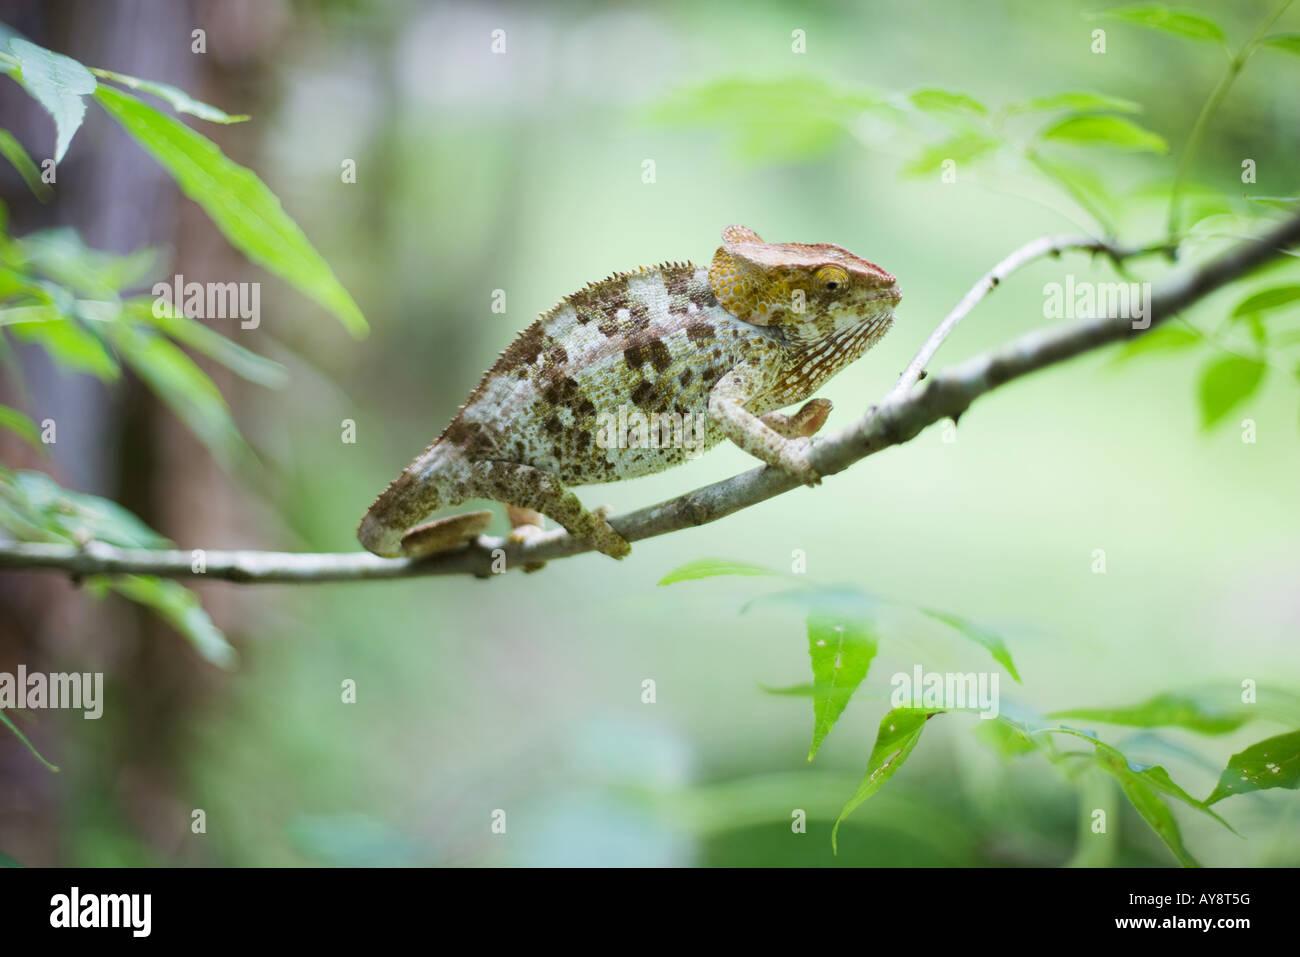 Chamäleon auf Zweig, Seitenansicht Stockbild